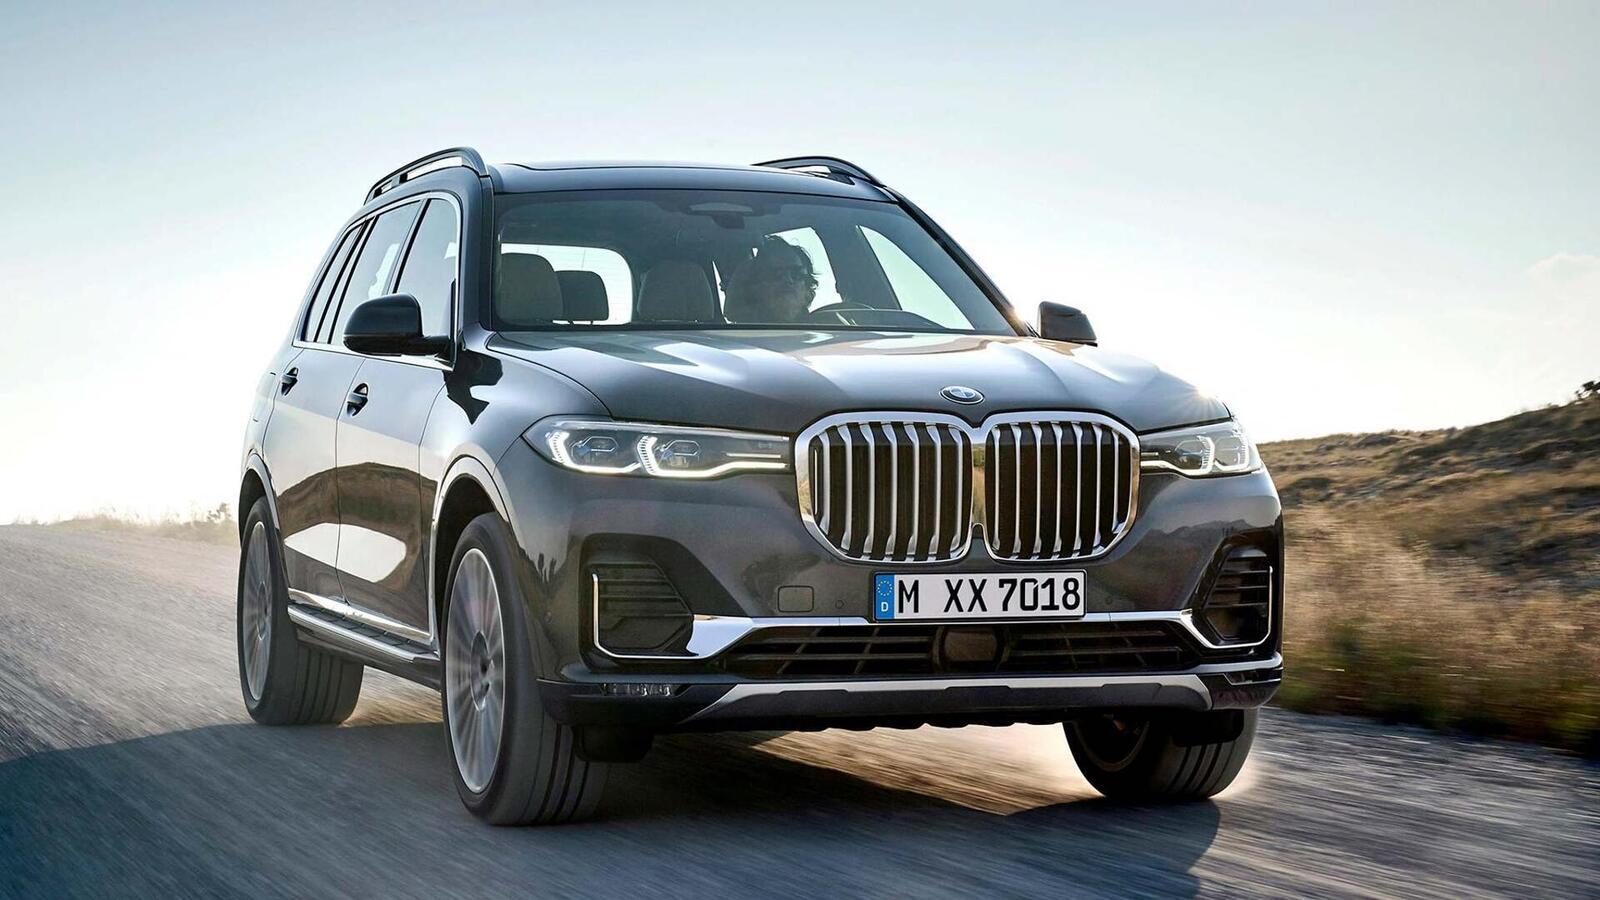 Hôm nay BMW X7 và X5 thế hệ mới sẽ ra mắt tại Việt Nam; mời các bác dự đoán giá bán - Hình 3